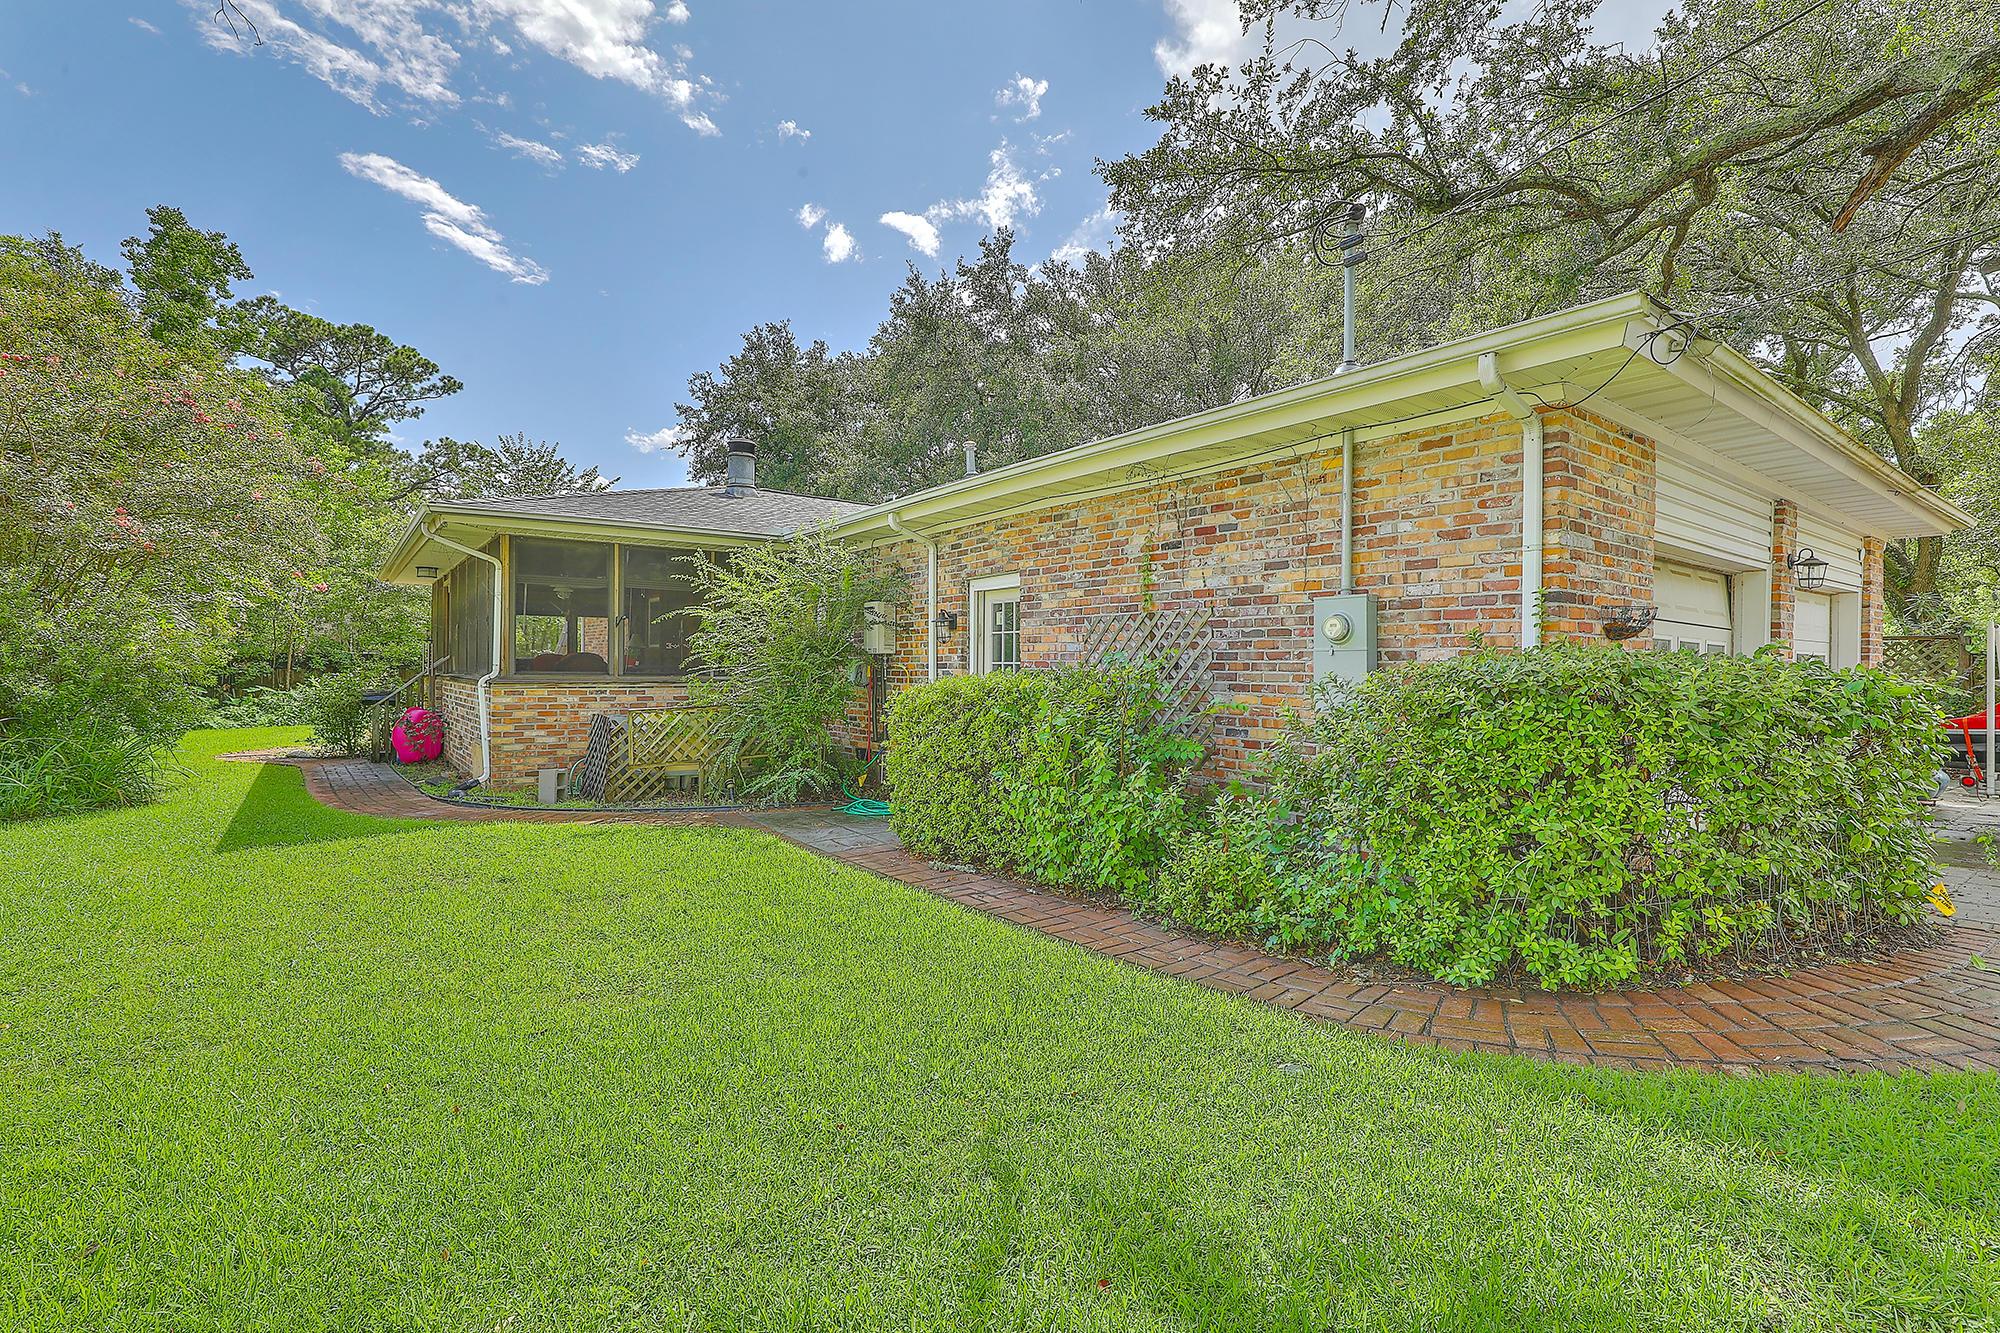 Belvedere Estates Homes For Sale - 1149 Brookside, Hanahan, SC - 12